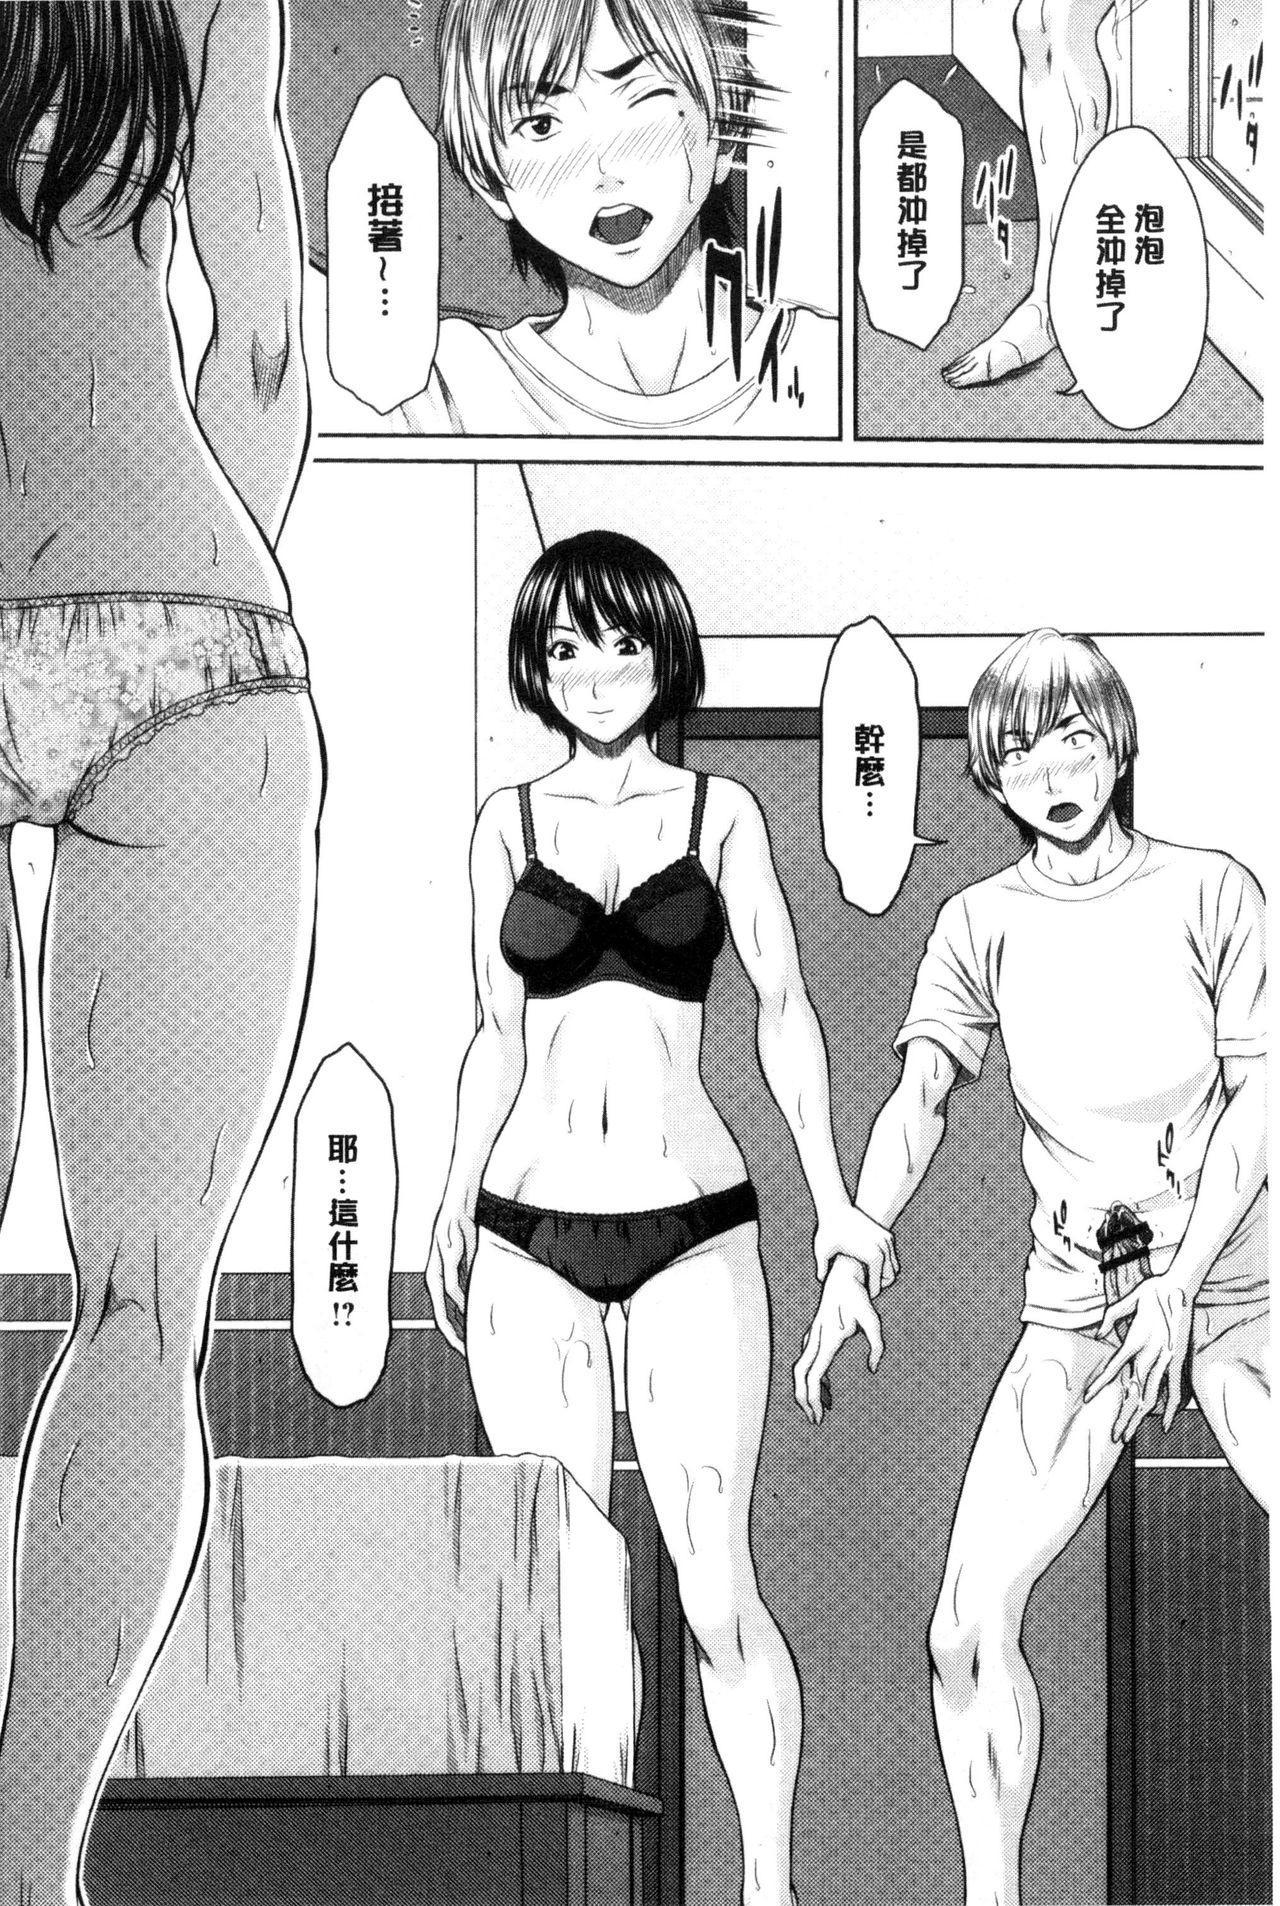 Mesukano Inbina Mesu Kanojotachi To No Hibi 84